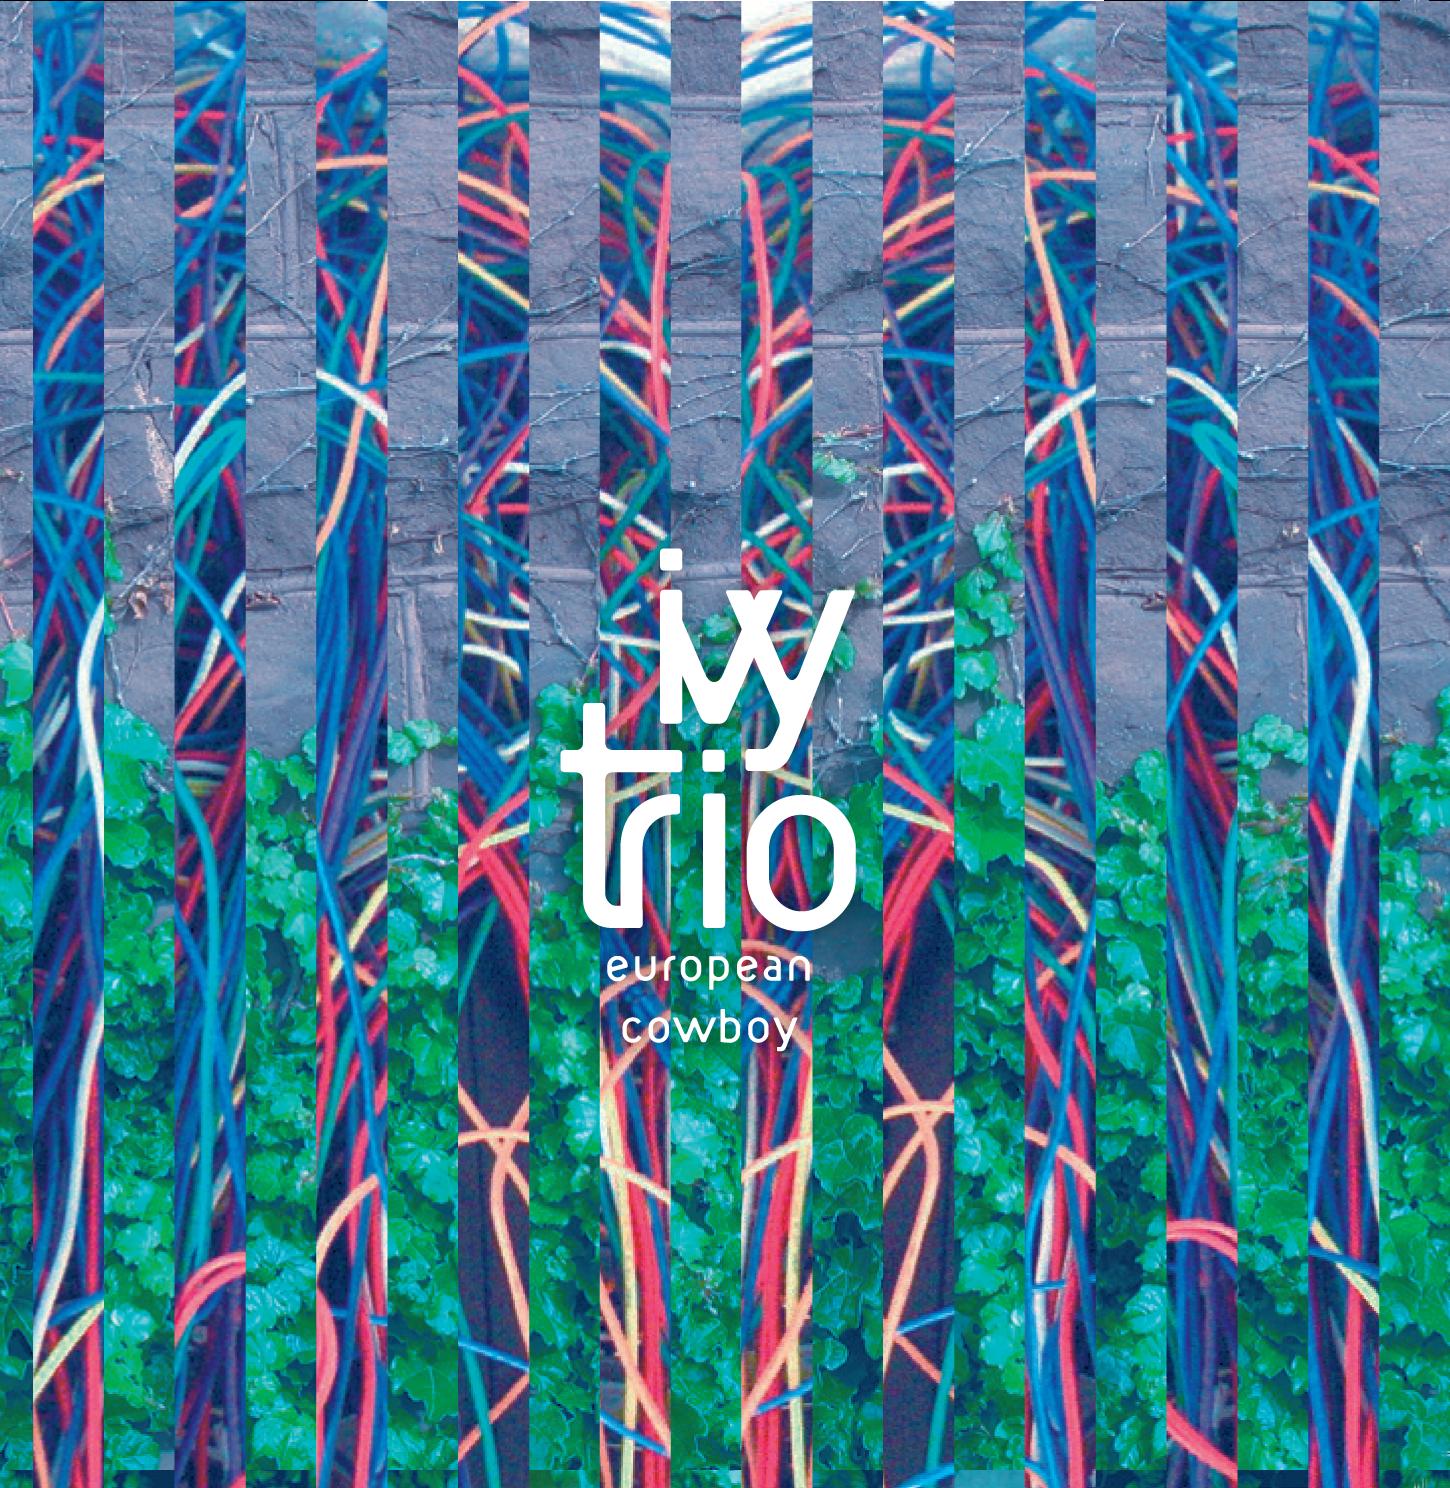 Ivy Trio - European Cowboy